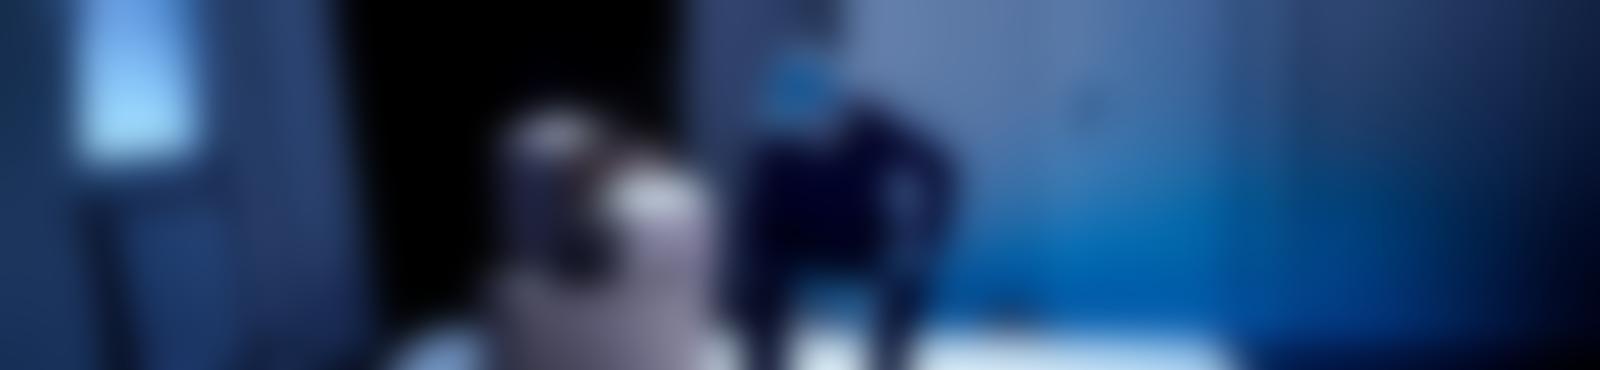 Blurred fd436ba7 0f6d 4bca 91fa 4f35d17f6cc4